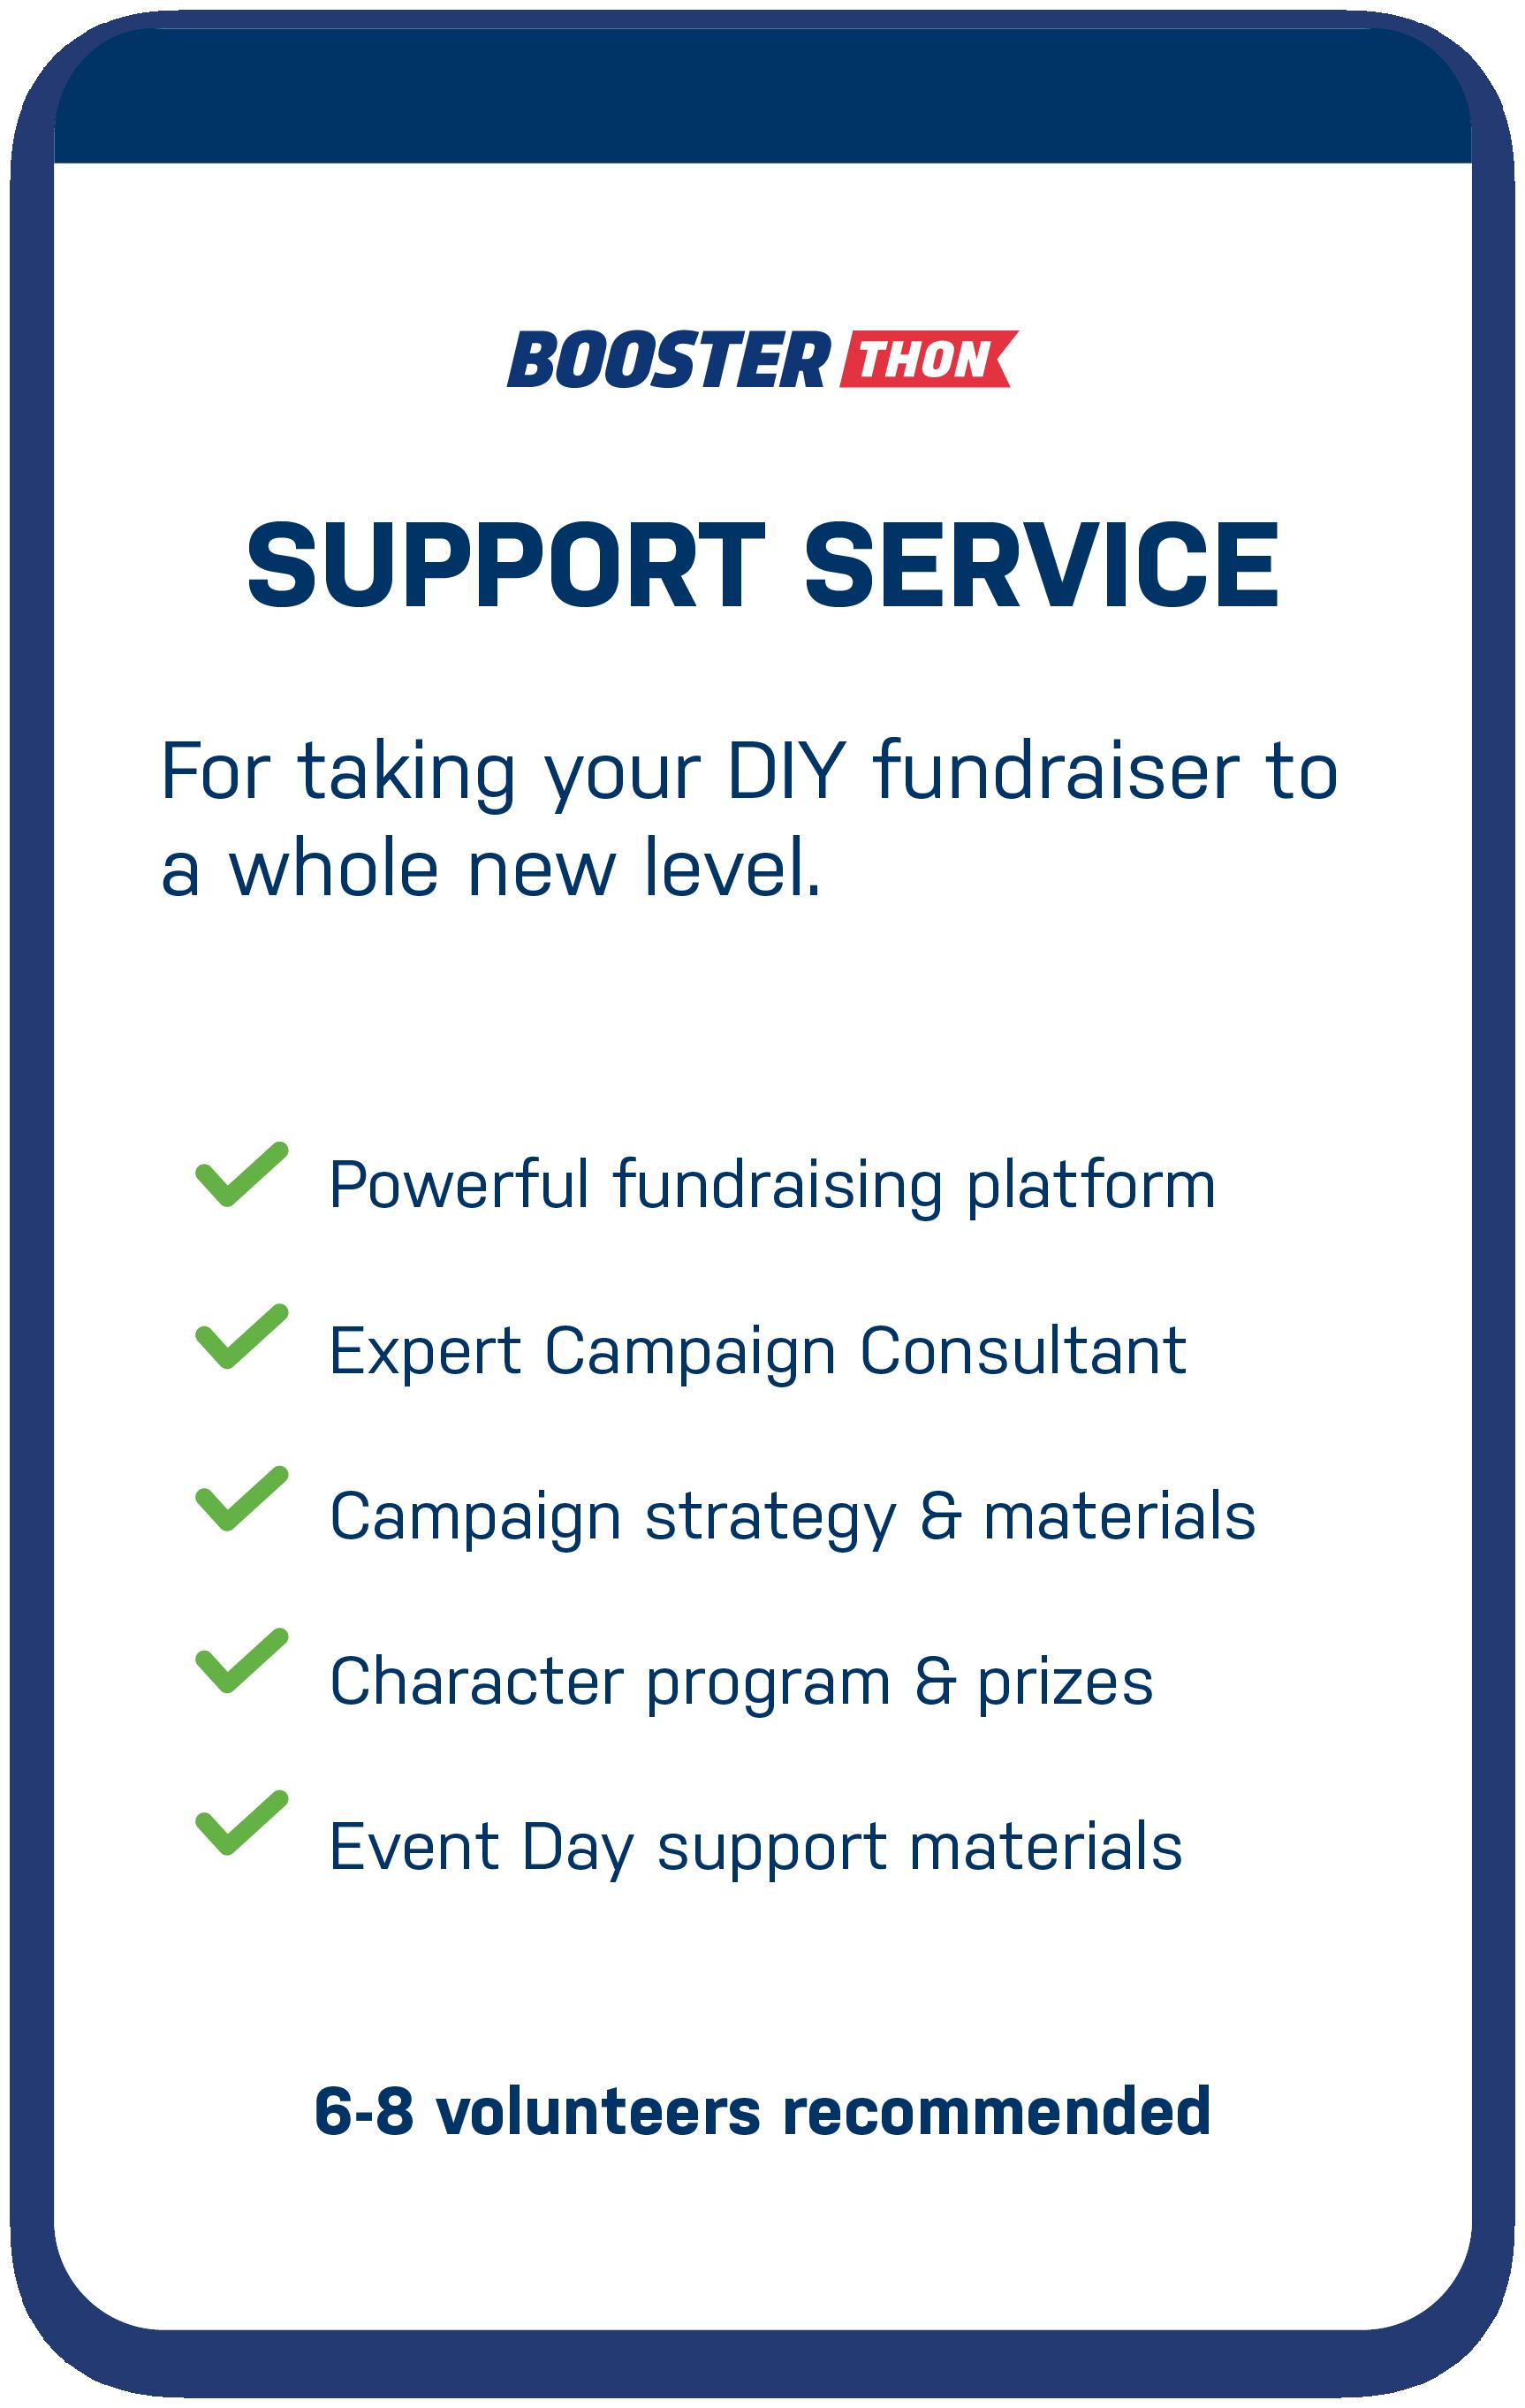 Support-ServiceAsset 2@4x